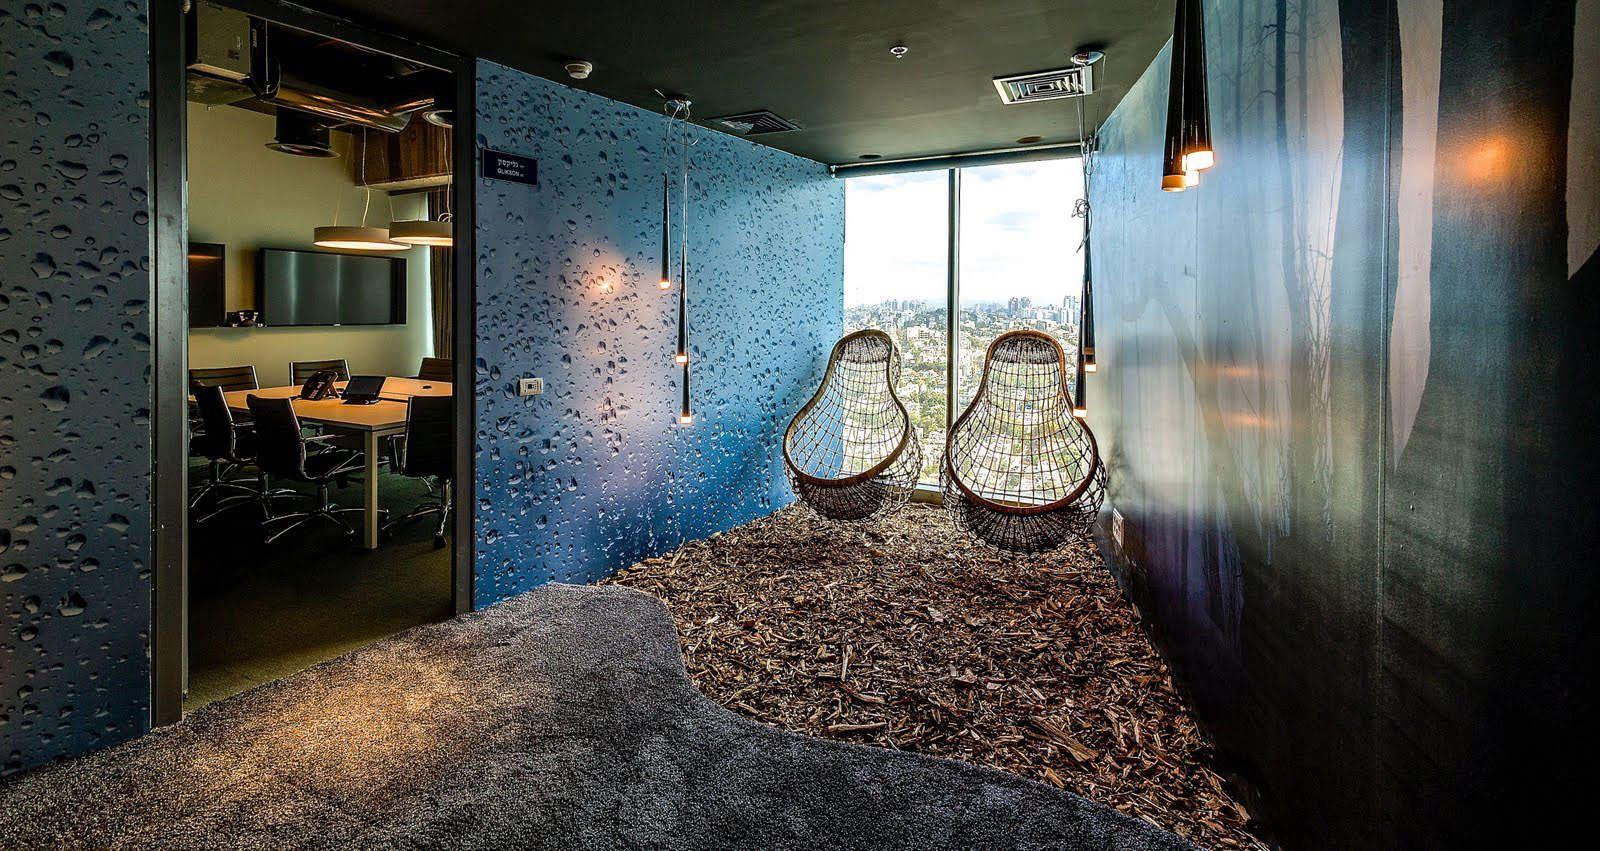 Google Tel Aviv Office Tel Israel Google Officetel Aviv Google Works Home Camenzind Evolution Pinterest Google Officetel Aviv Google Works Home Camenzind Evolution